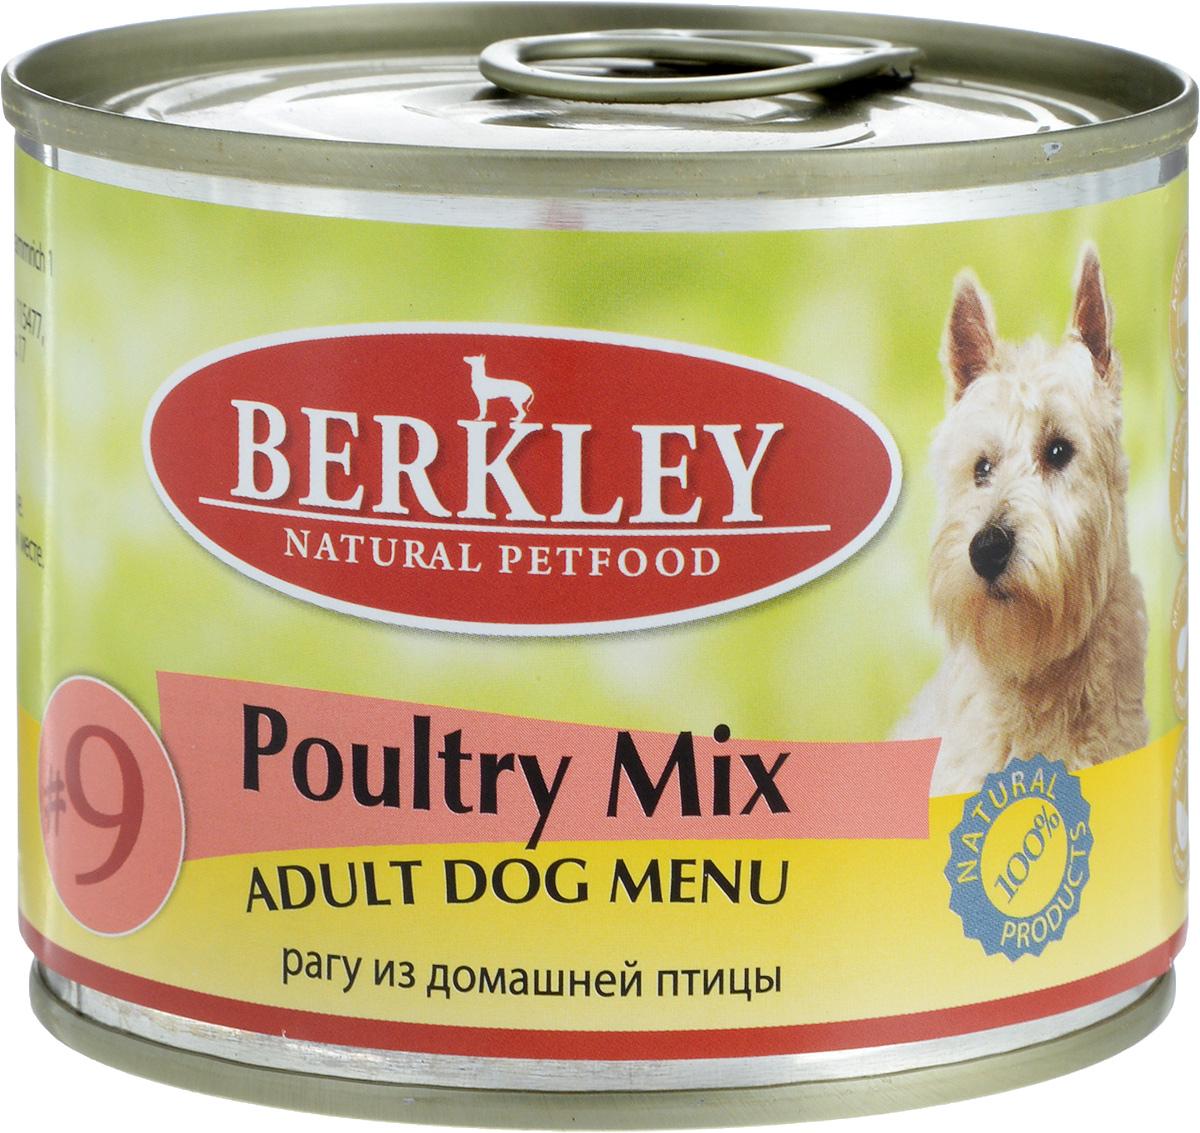 Консервы для собак Berkley №9, рагу из домашней птицы, 200 г12171996Консервы Berkley №9 - полноценное консервированное питание для собак. Не содержат сои, консервантов, искусственных красителей и ароматизаторов. Корм полностью удовлетворяет ежедневные энергетические потребности животного и обеспечивает оптимальное функционирование пищеварительной системы.Товар сертифицирован.